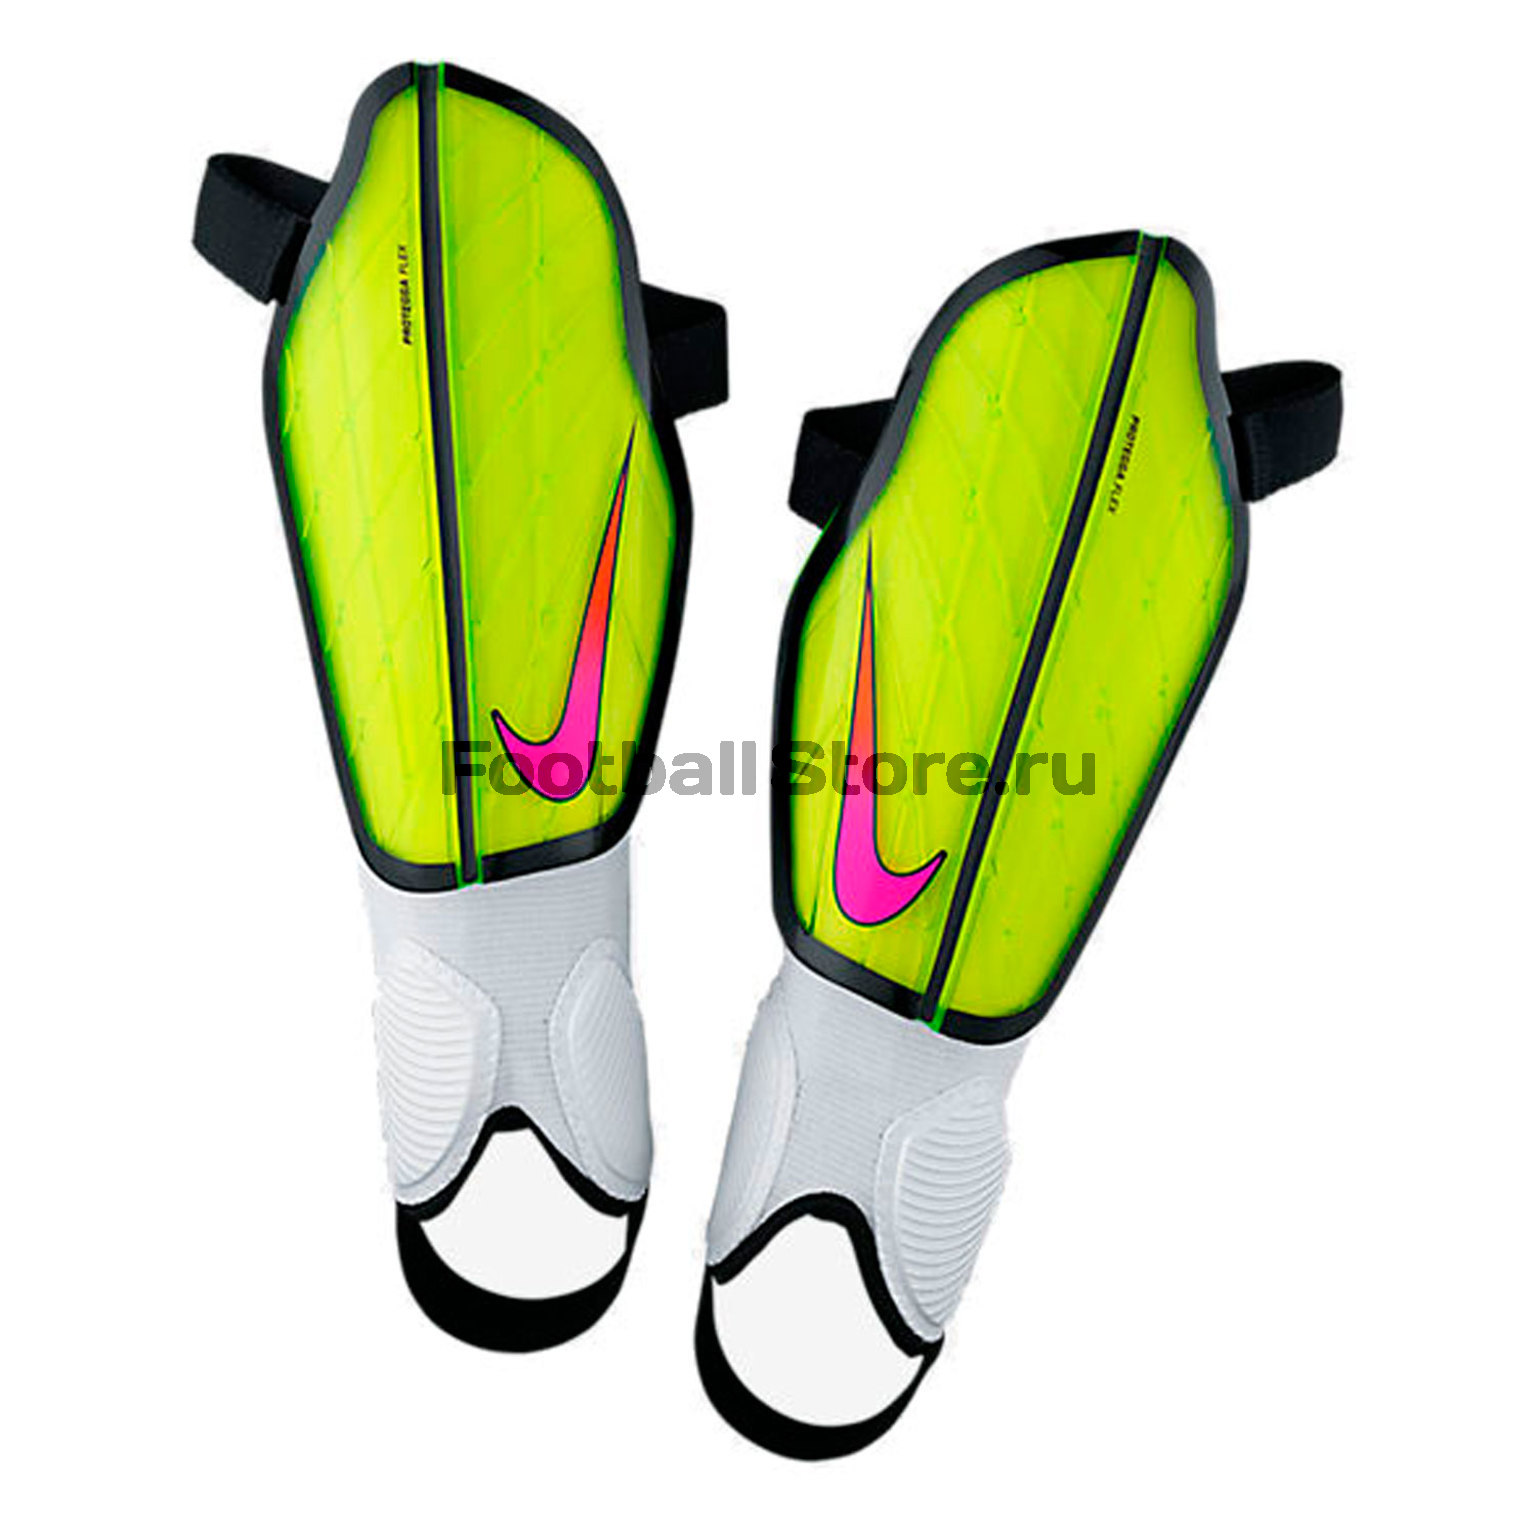 Защита ног Nike Щитки футбольные Protegga Flex SP0313-702